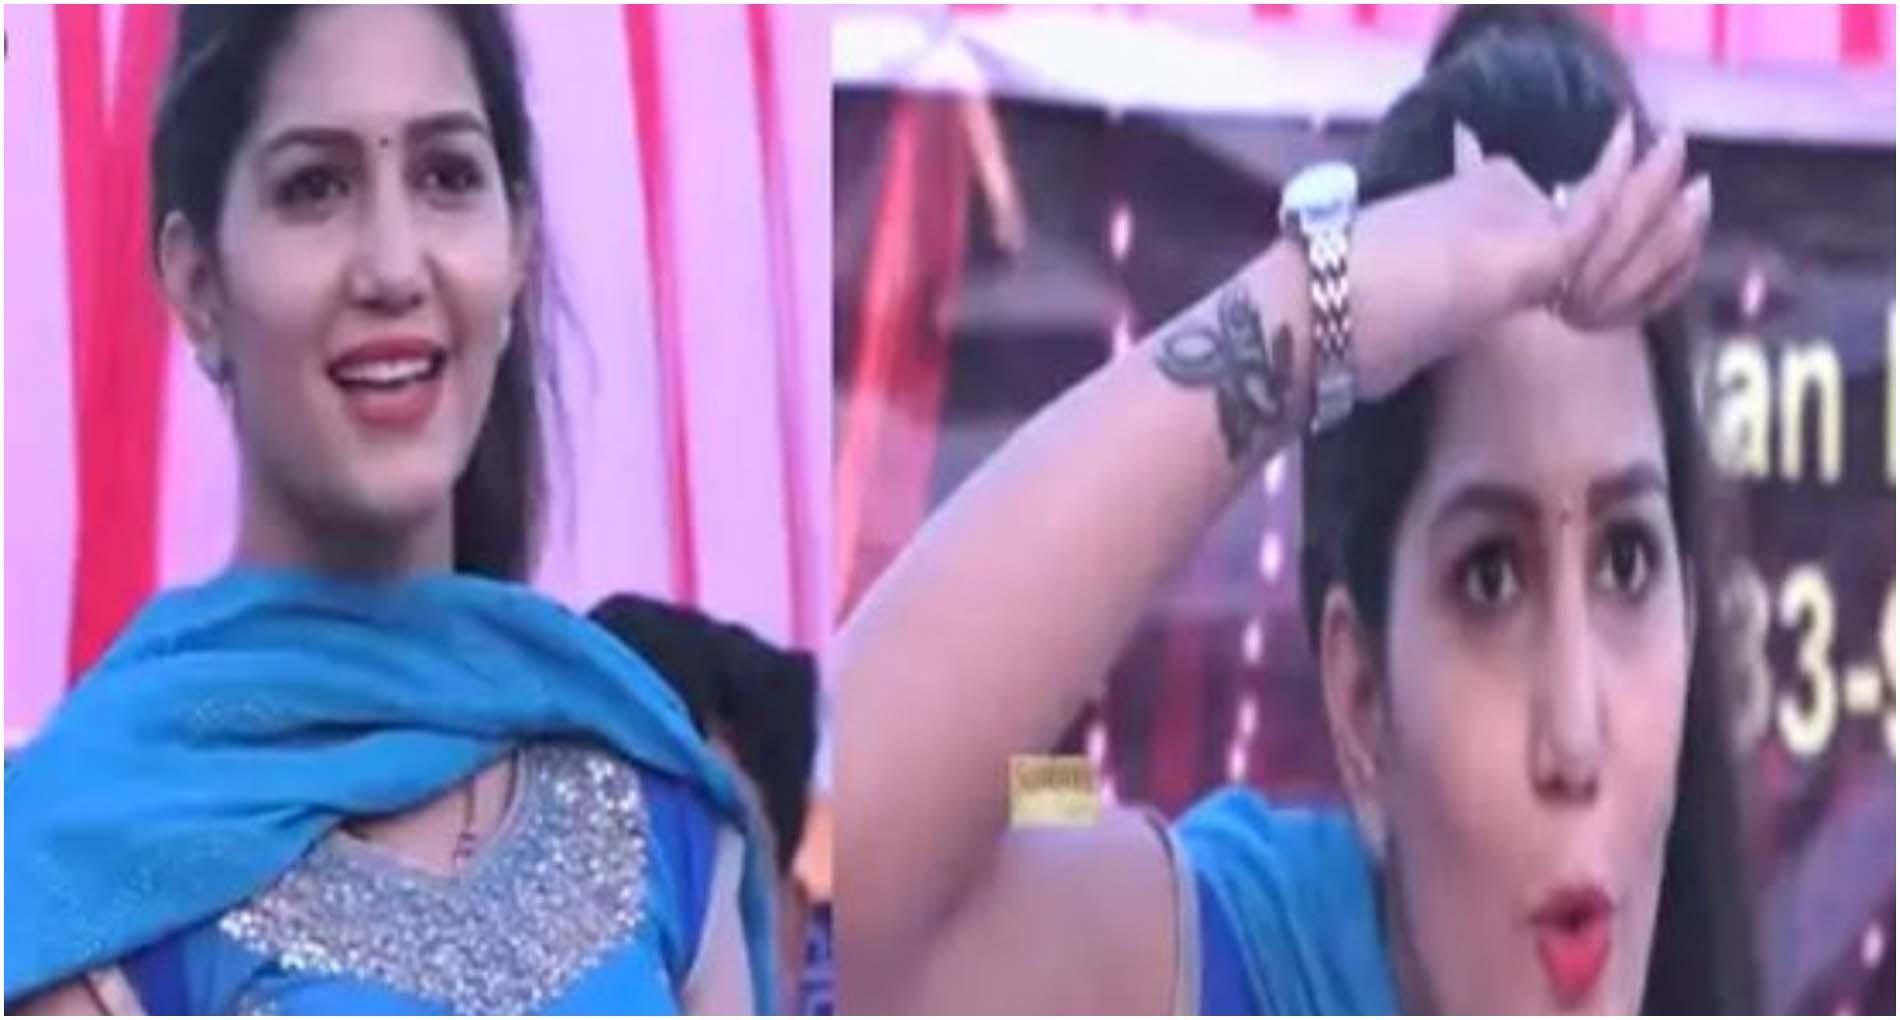 Sapna Choudhary Dance Video: सपना चौधरी ने इस गाने पर जबरदस्त डांस से सबको बनाया दीवाना